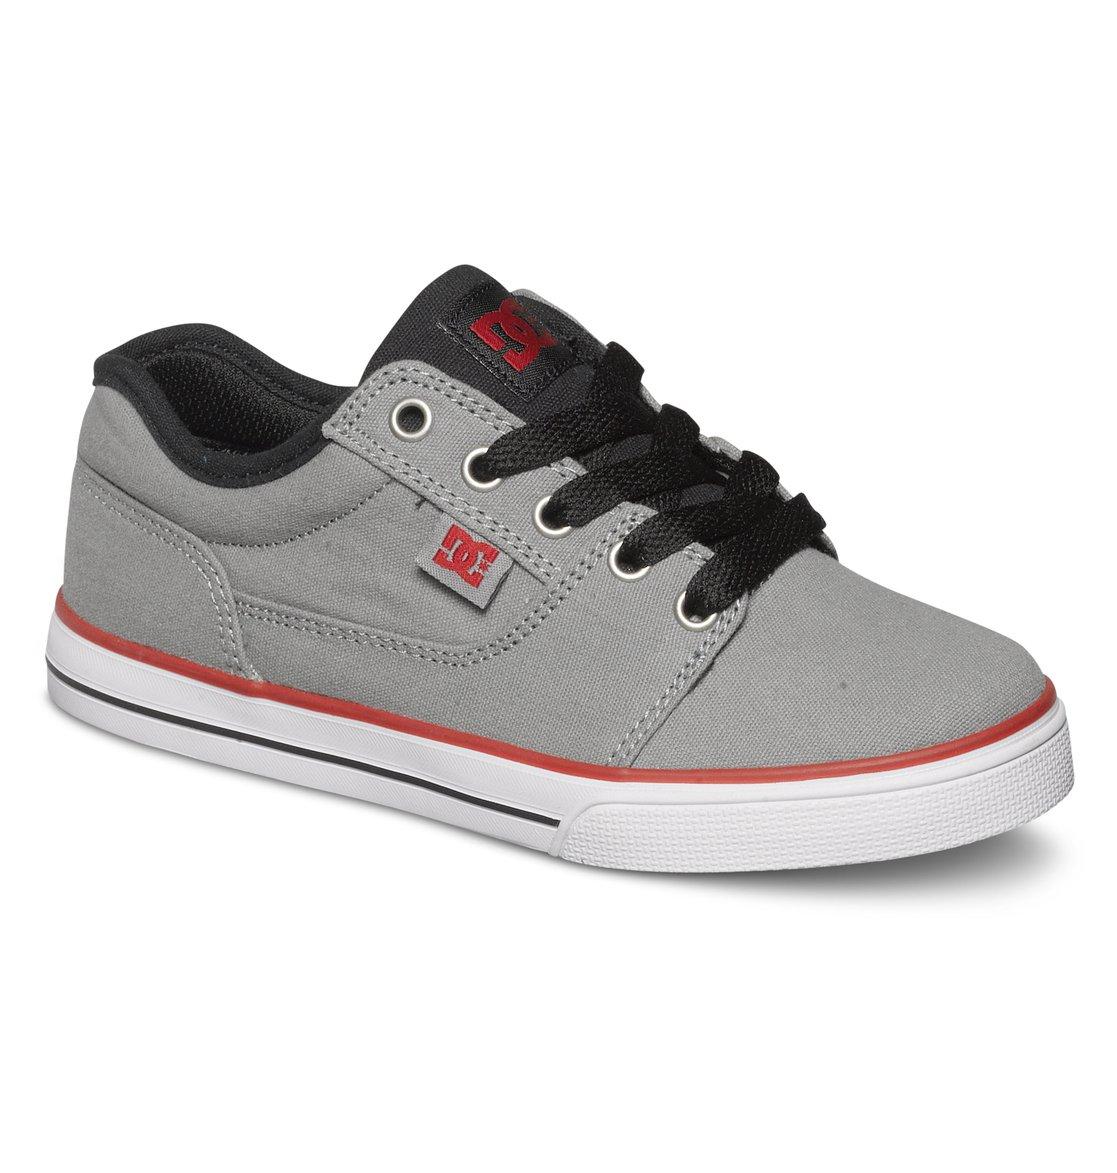 Dc Shoes Kids Boys Size